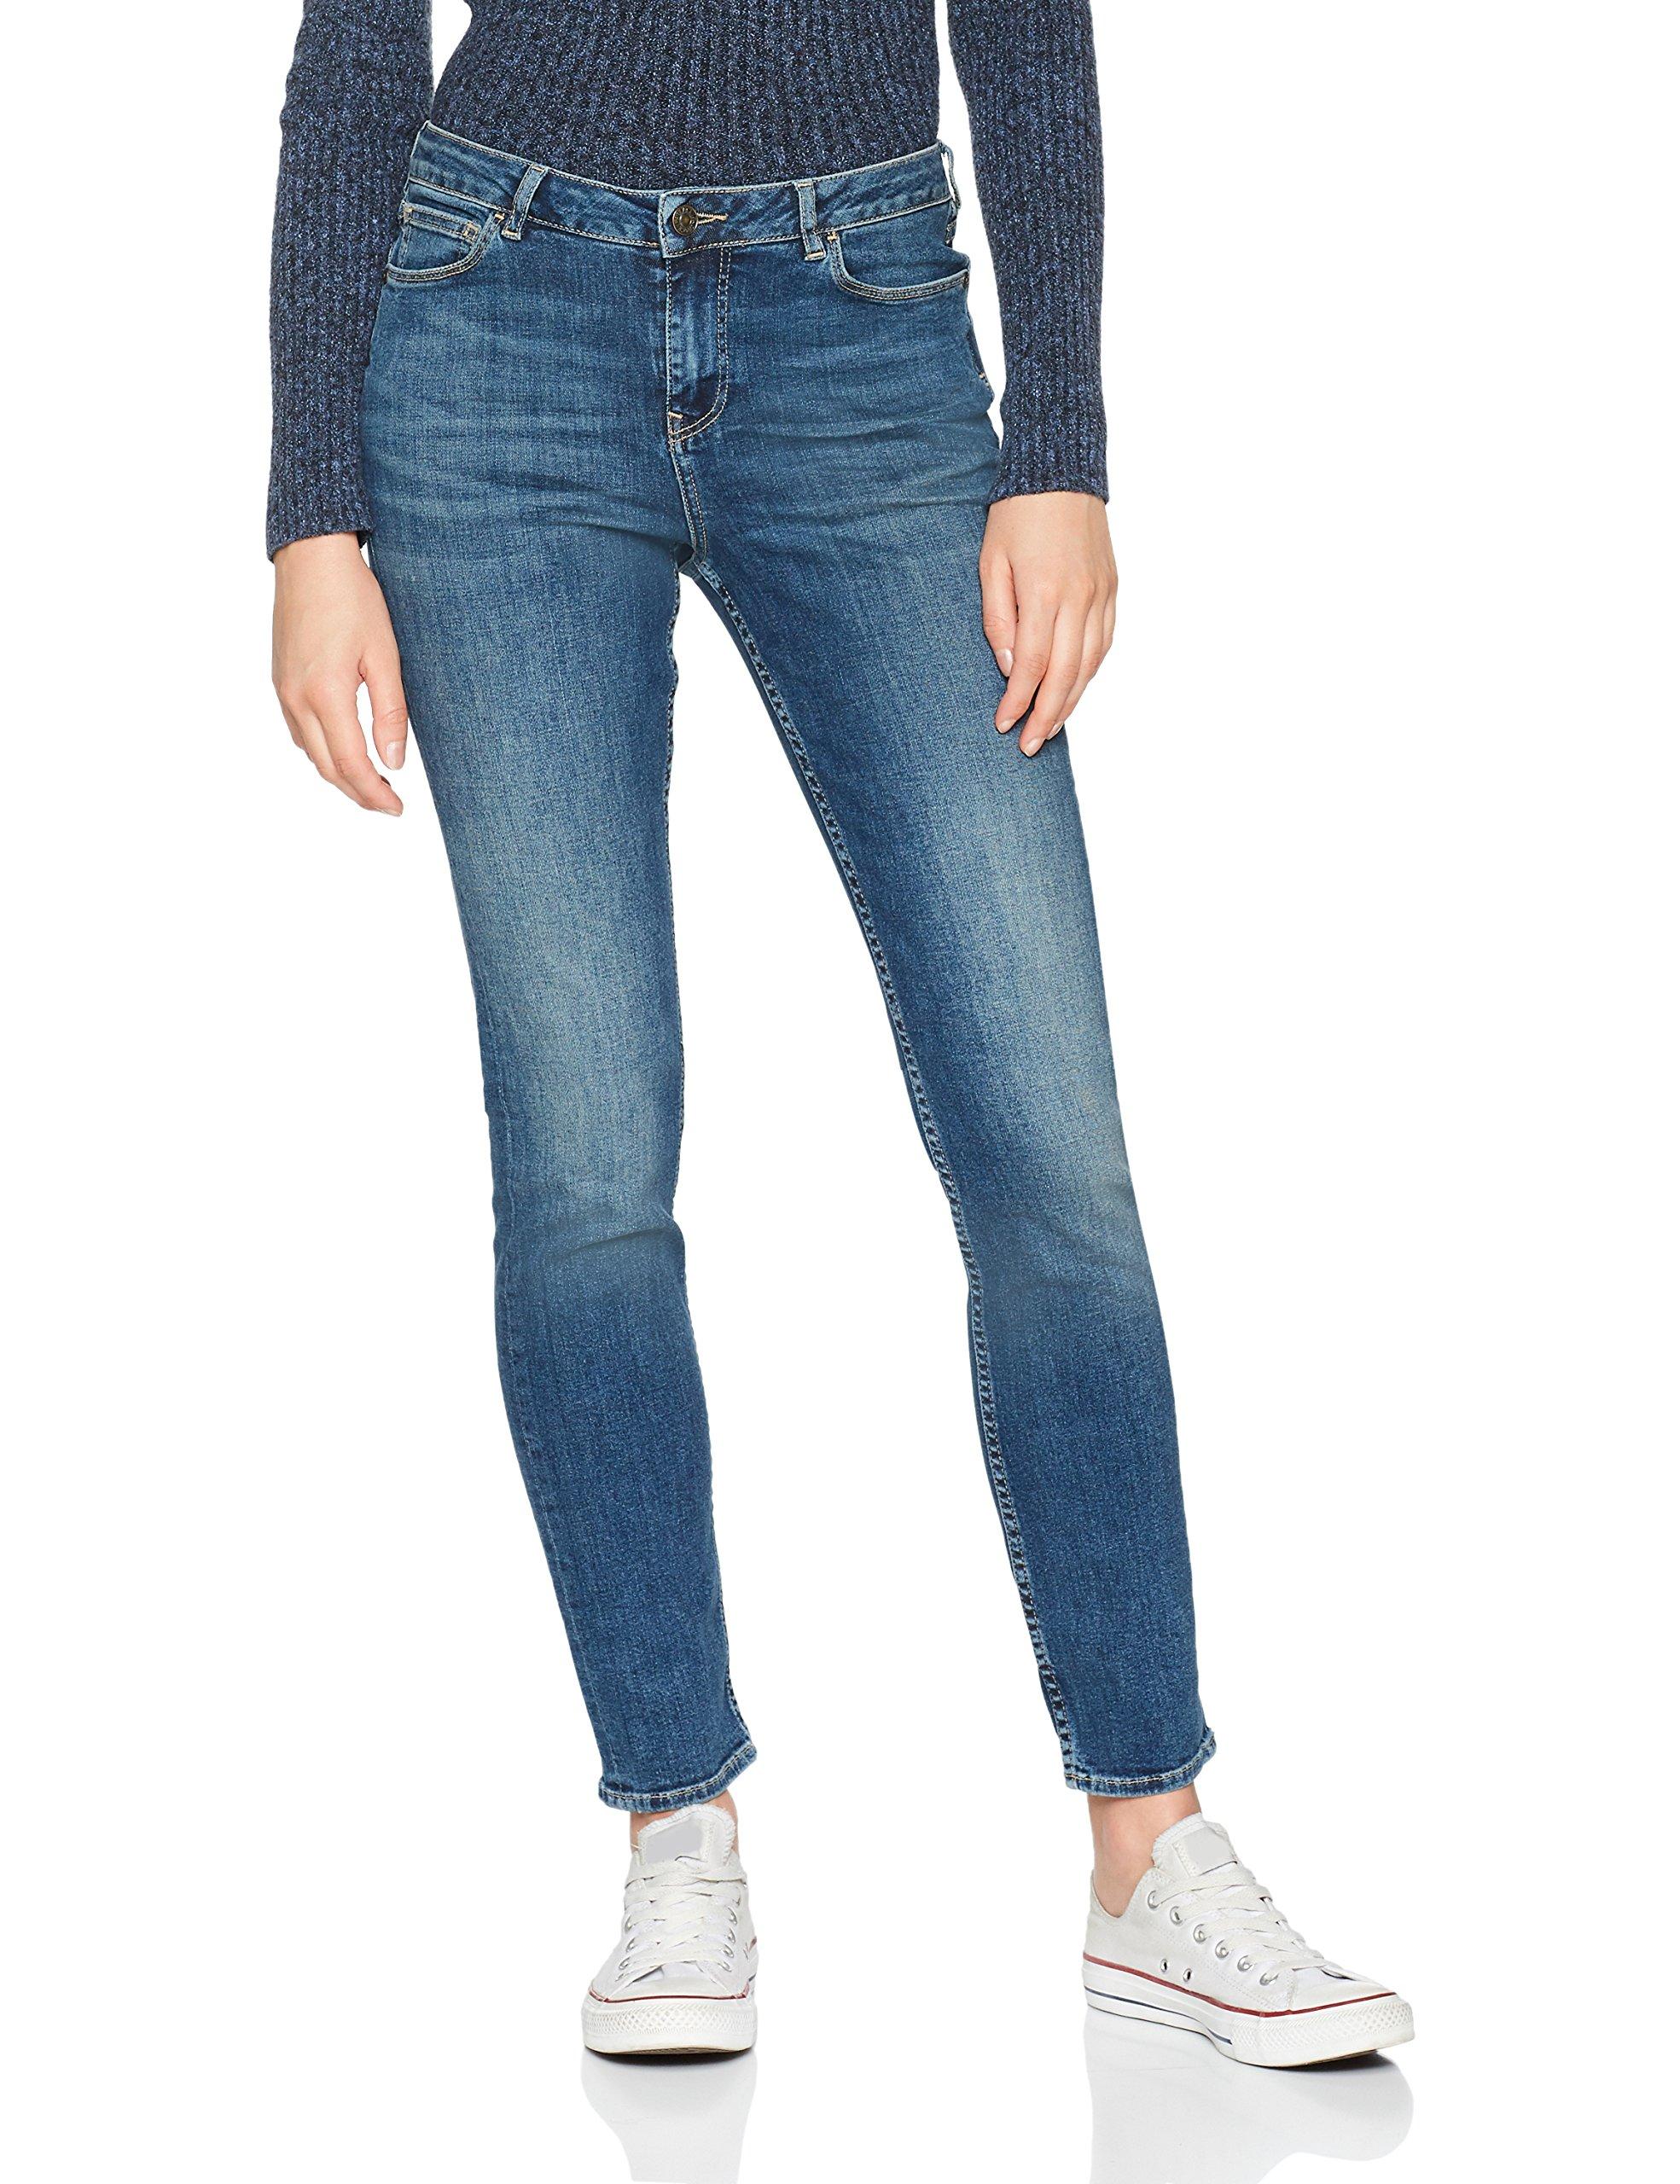 WashBleudenim34rtaille Du Slim Jeans Fabricant6r Mid Face Femmeslim Fat ZiTOukXP